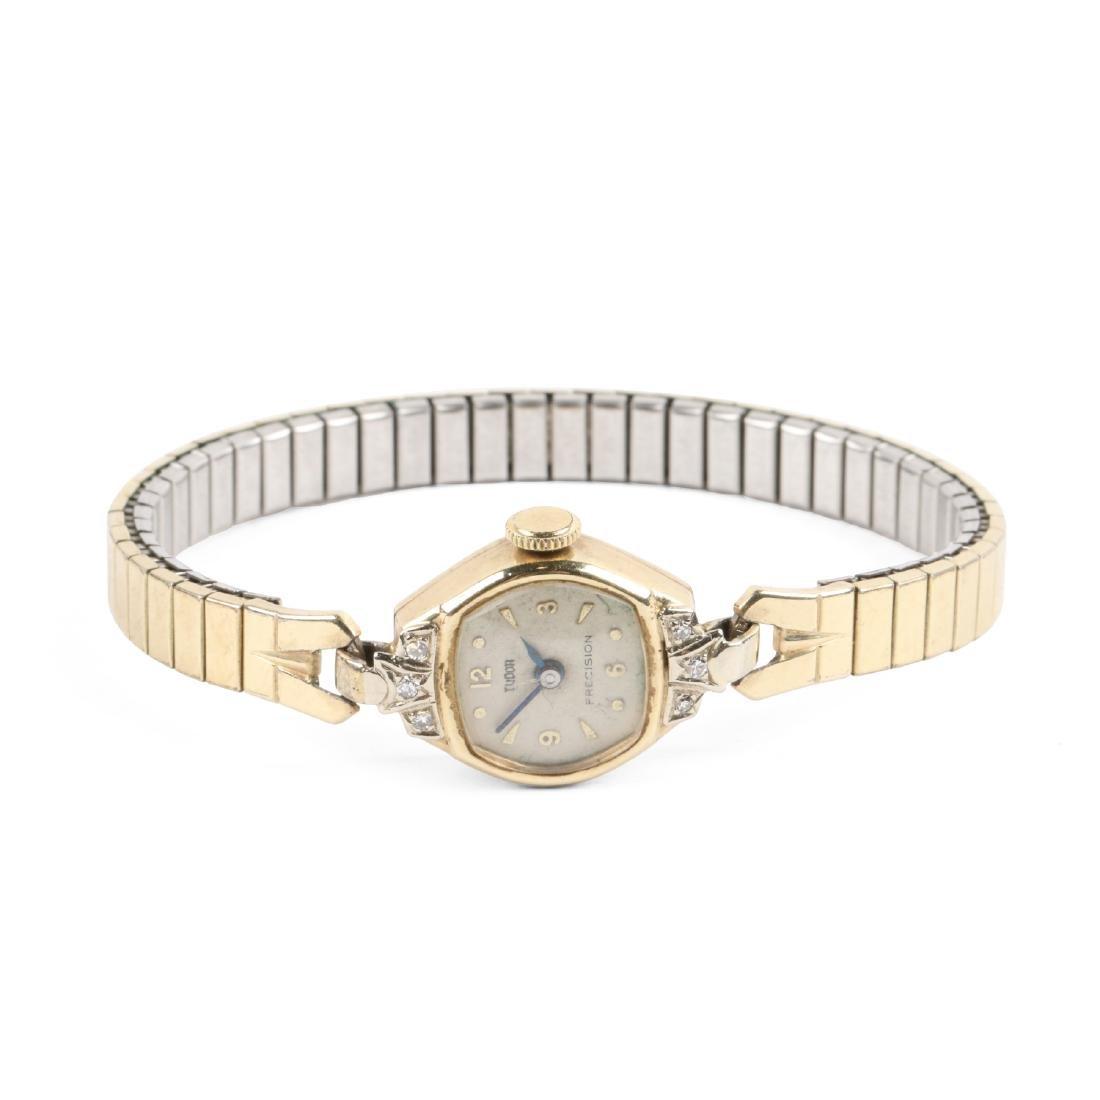 Rolex, Tudor Precision Cocktail Watch